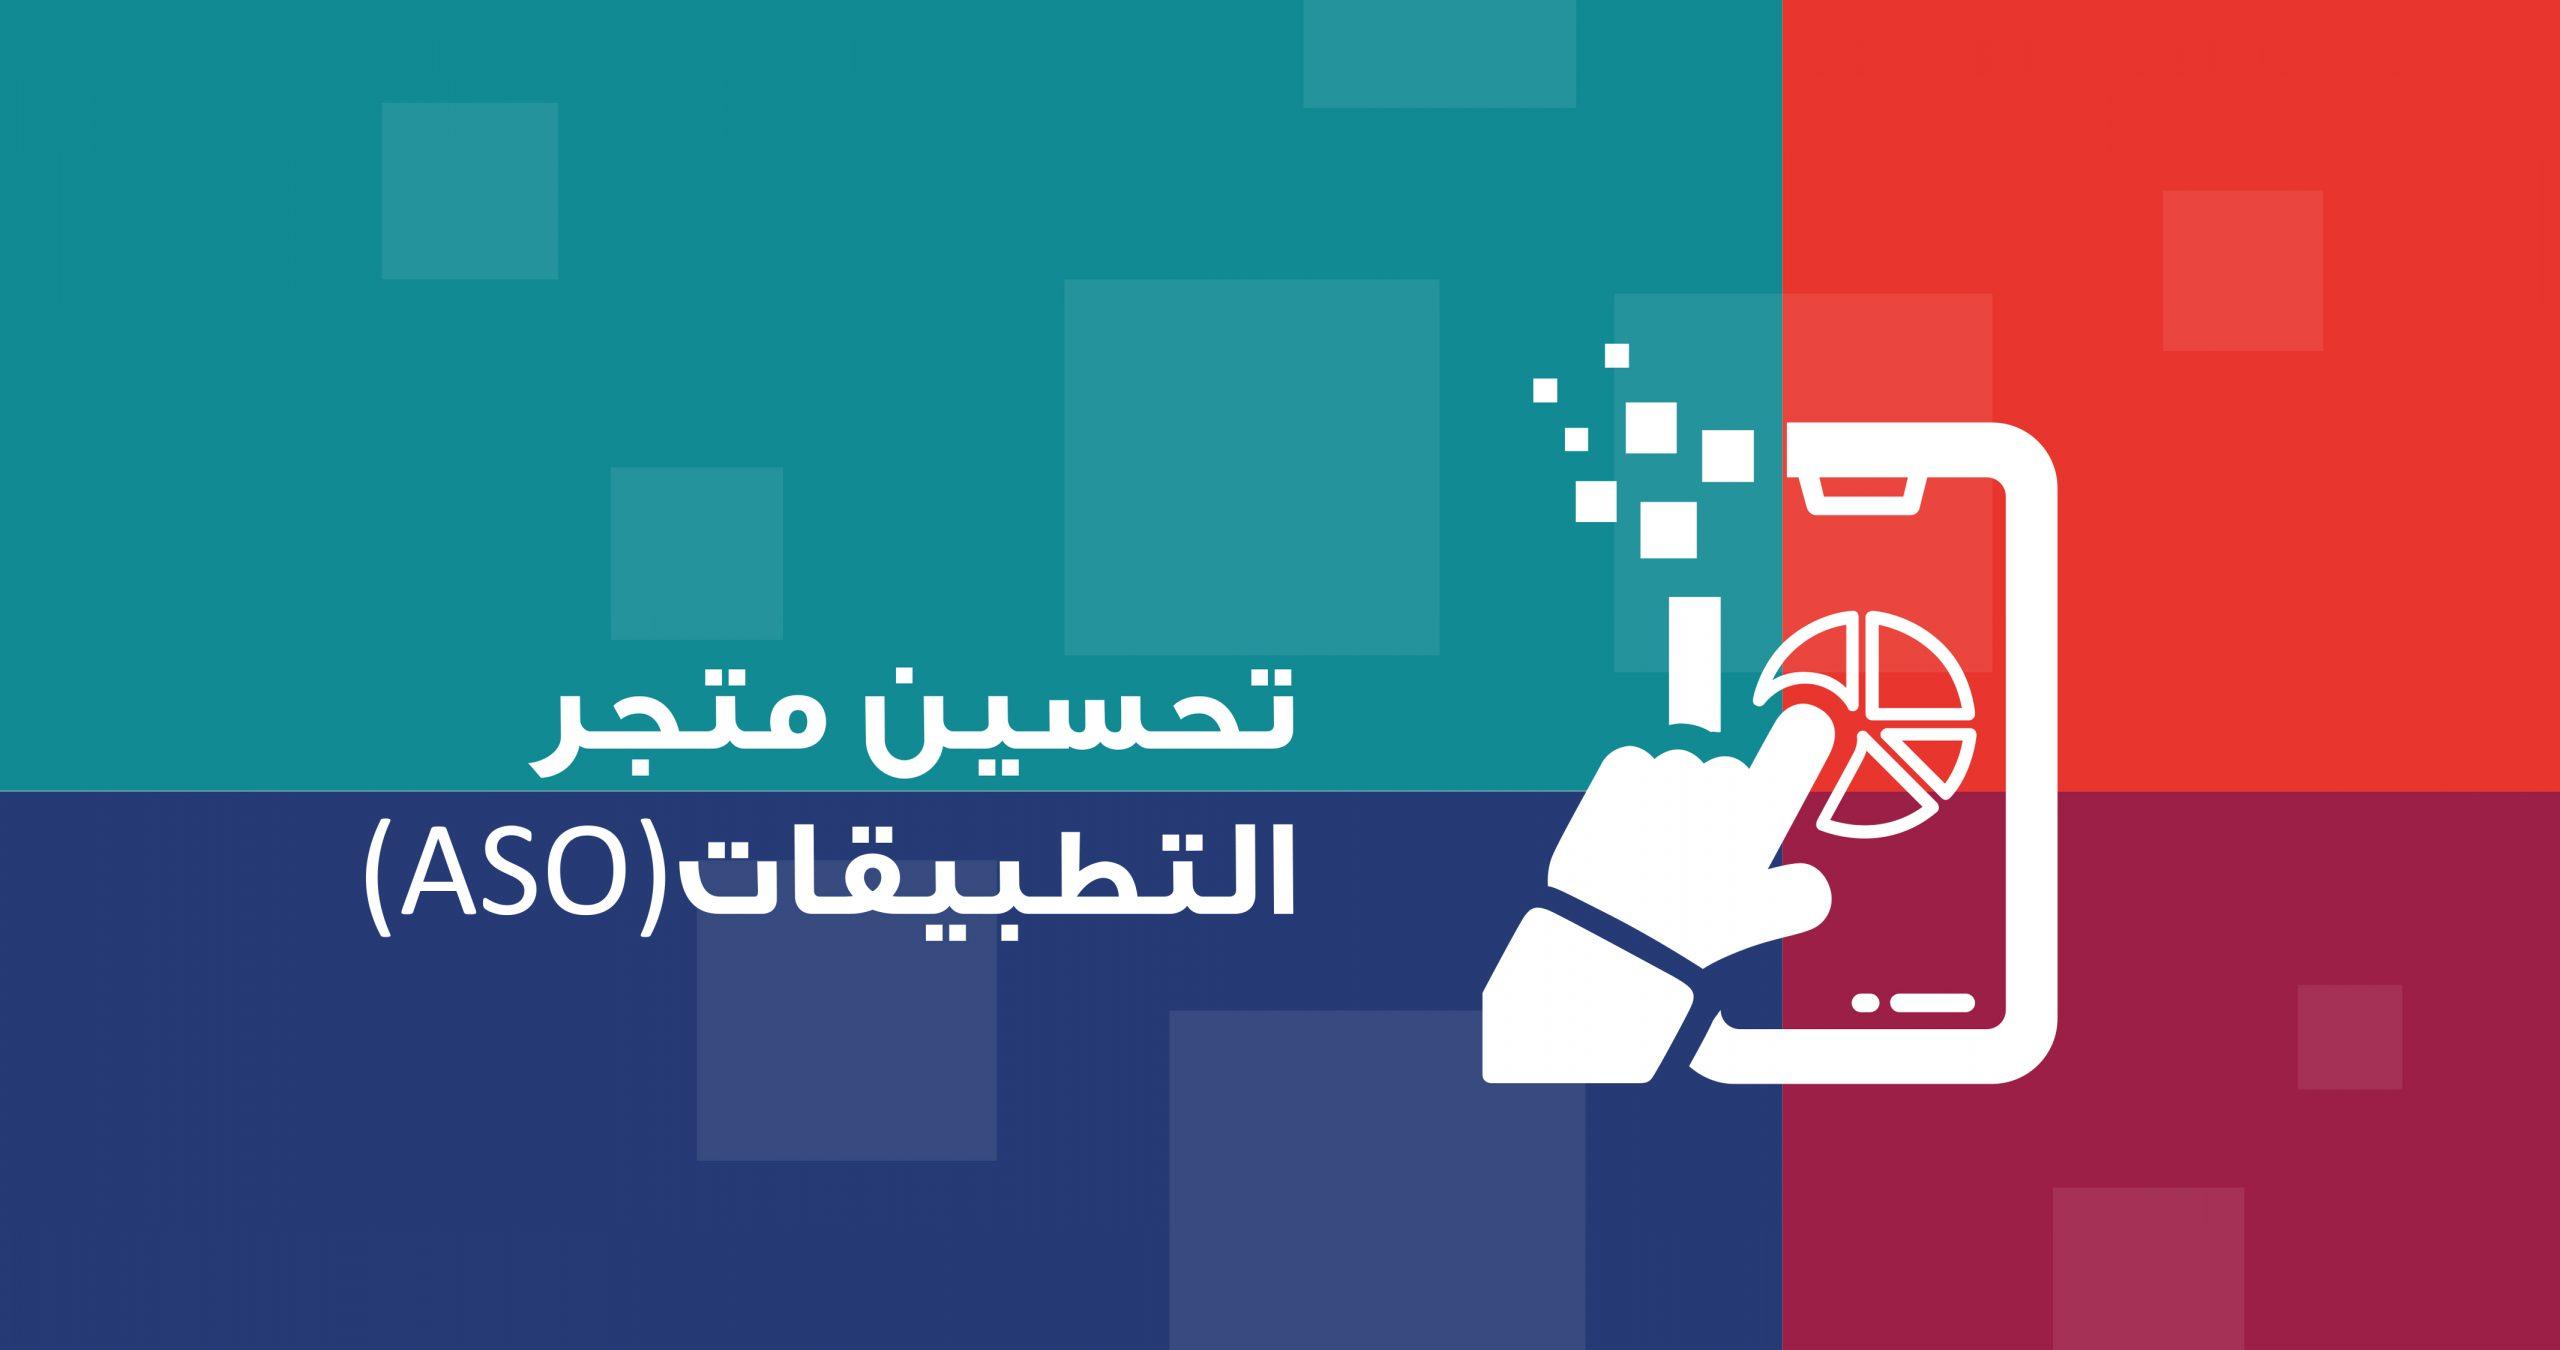 تحسين متجر التطبيقات (ASO)